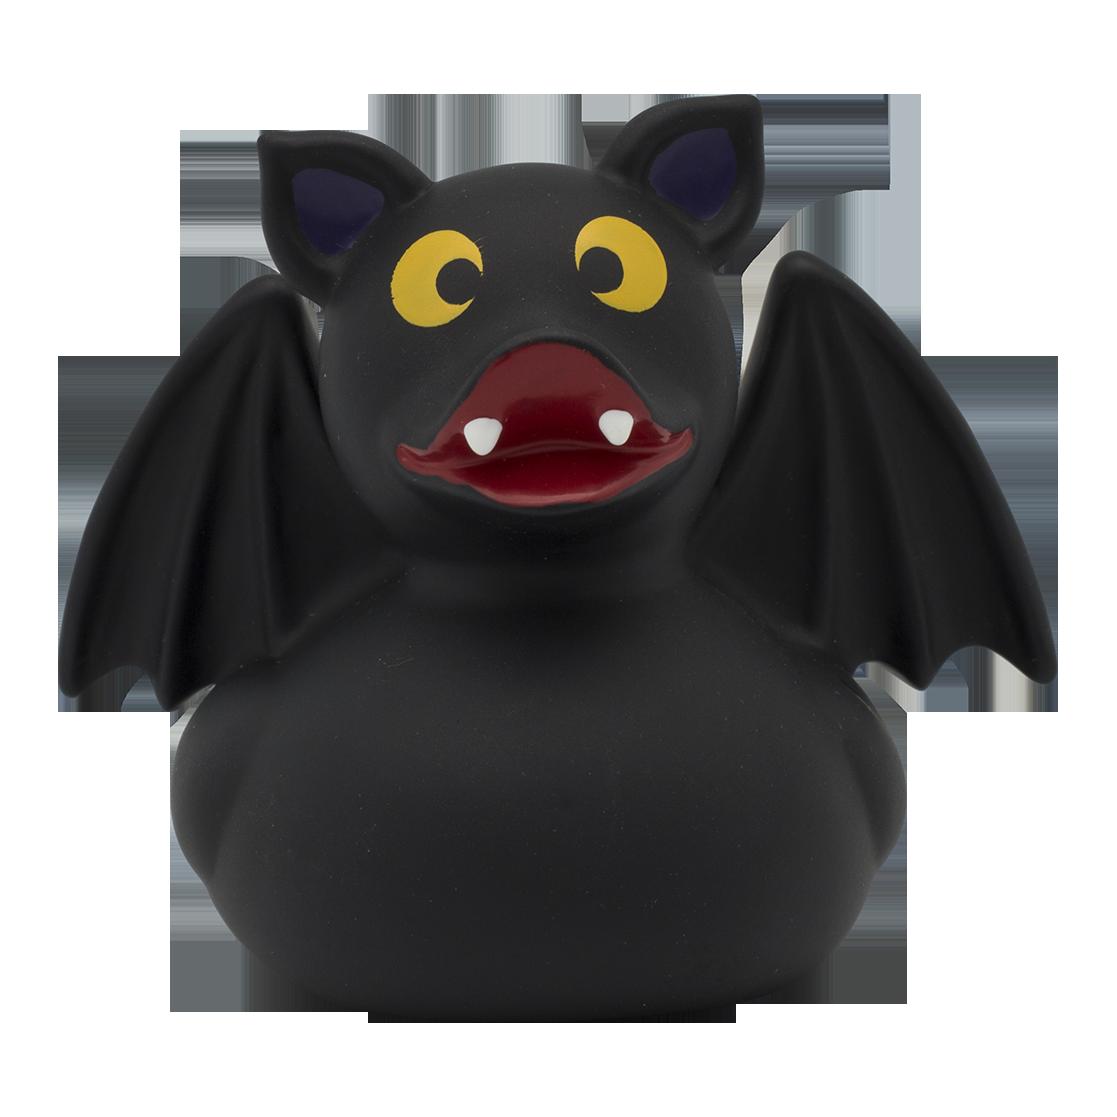 Bat Rubber duck